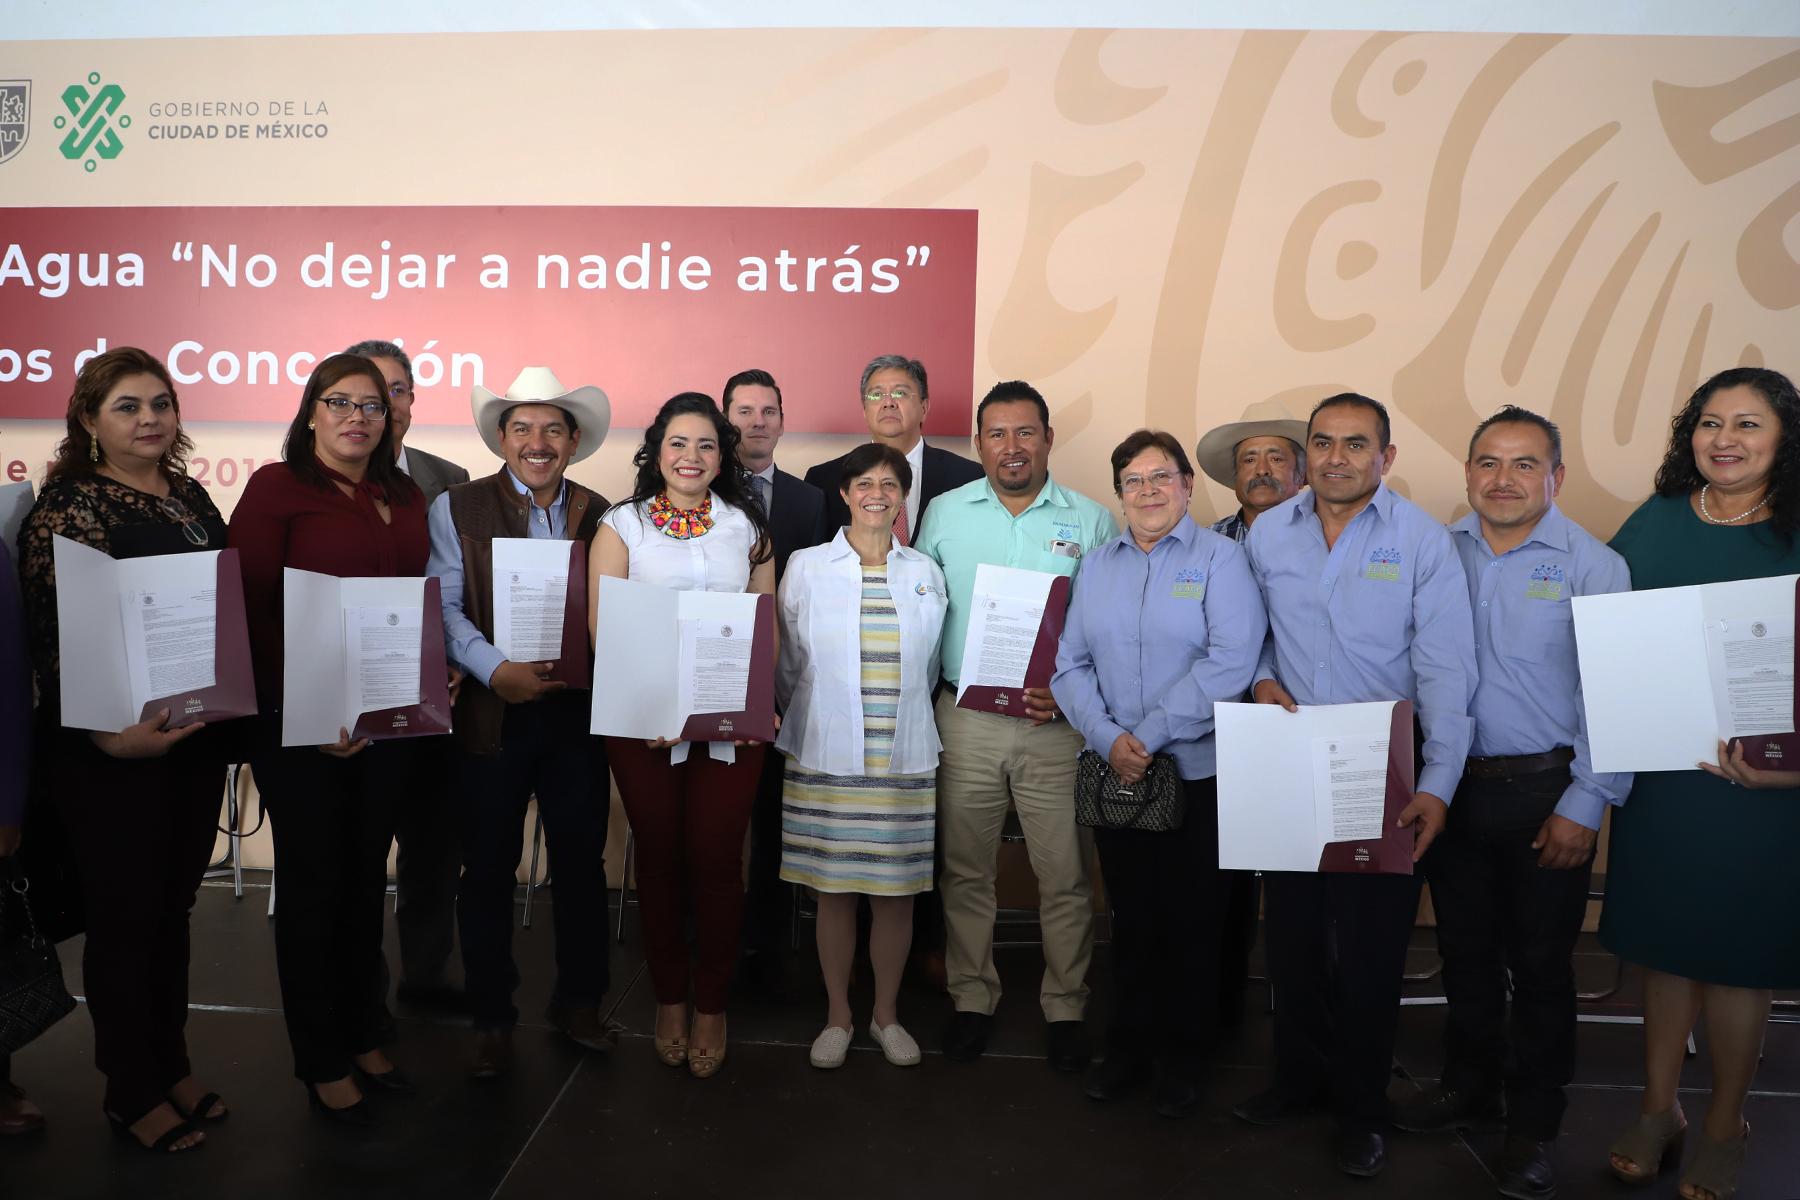 Usuarios de Guerrero, Hidalgo y del Valle de México recibieron títulos de concesión de las aguas nacionales, como parte de la conmemoración del Día Mundial del Agua.